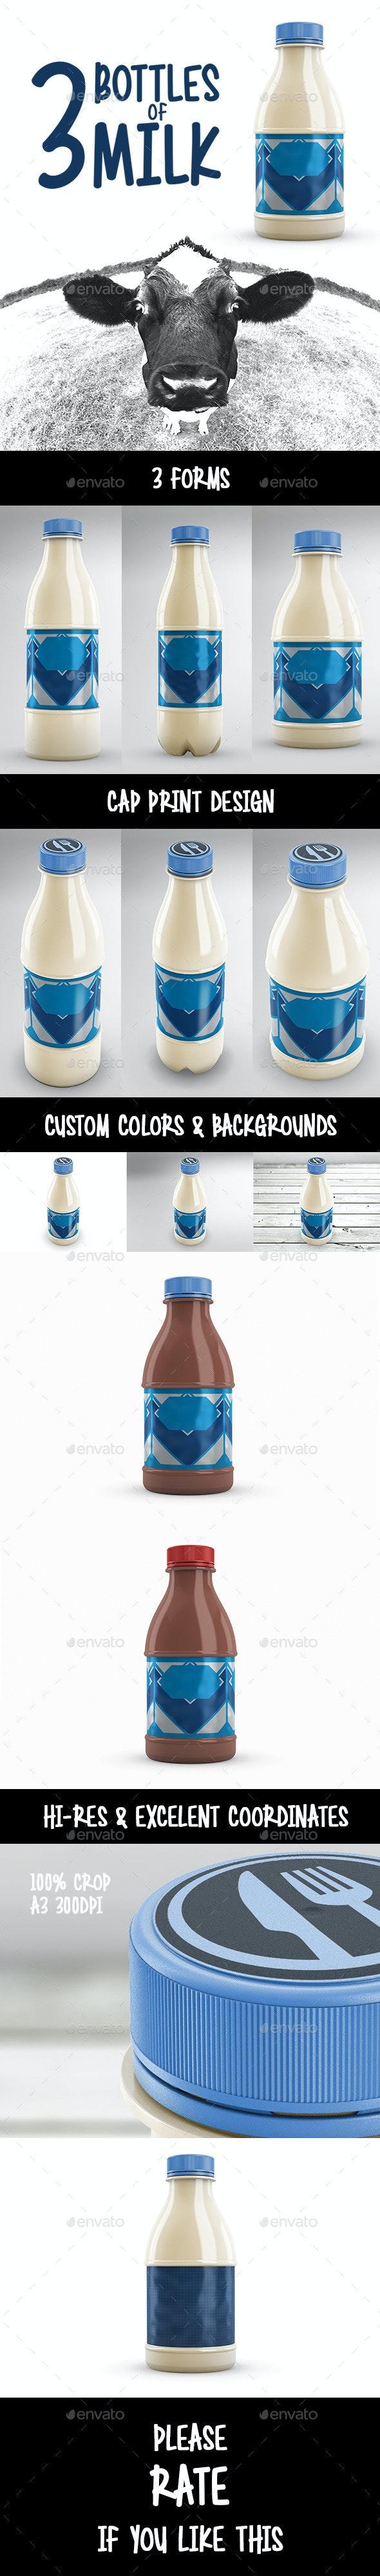 Bottles of Milk - Food and Drink Packaging